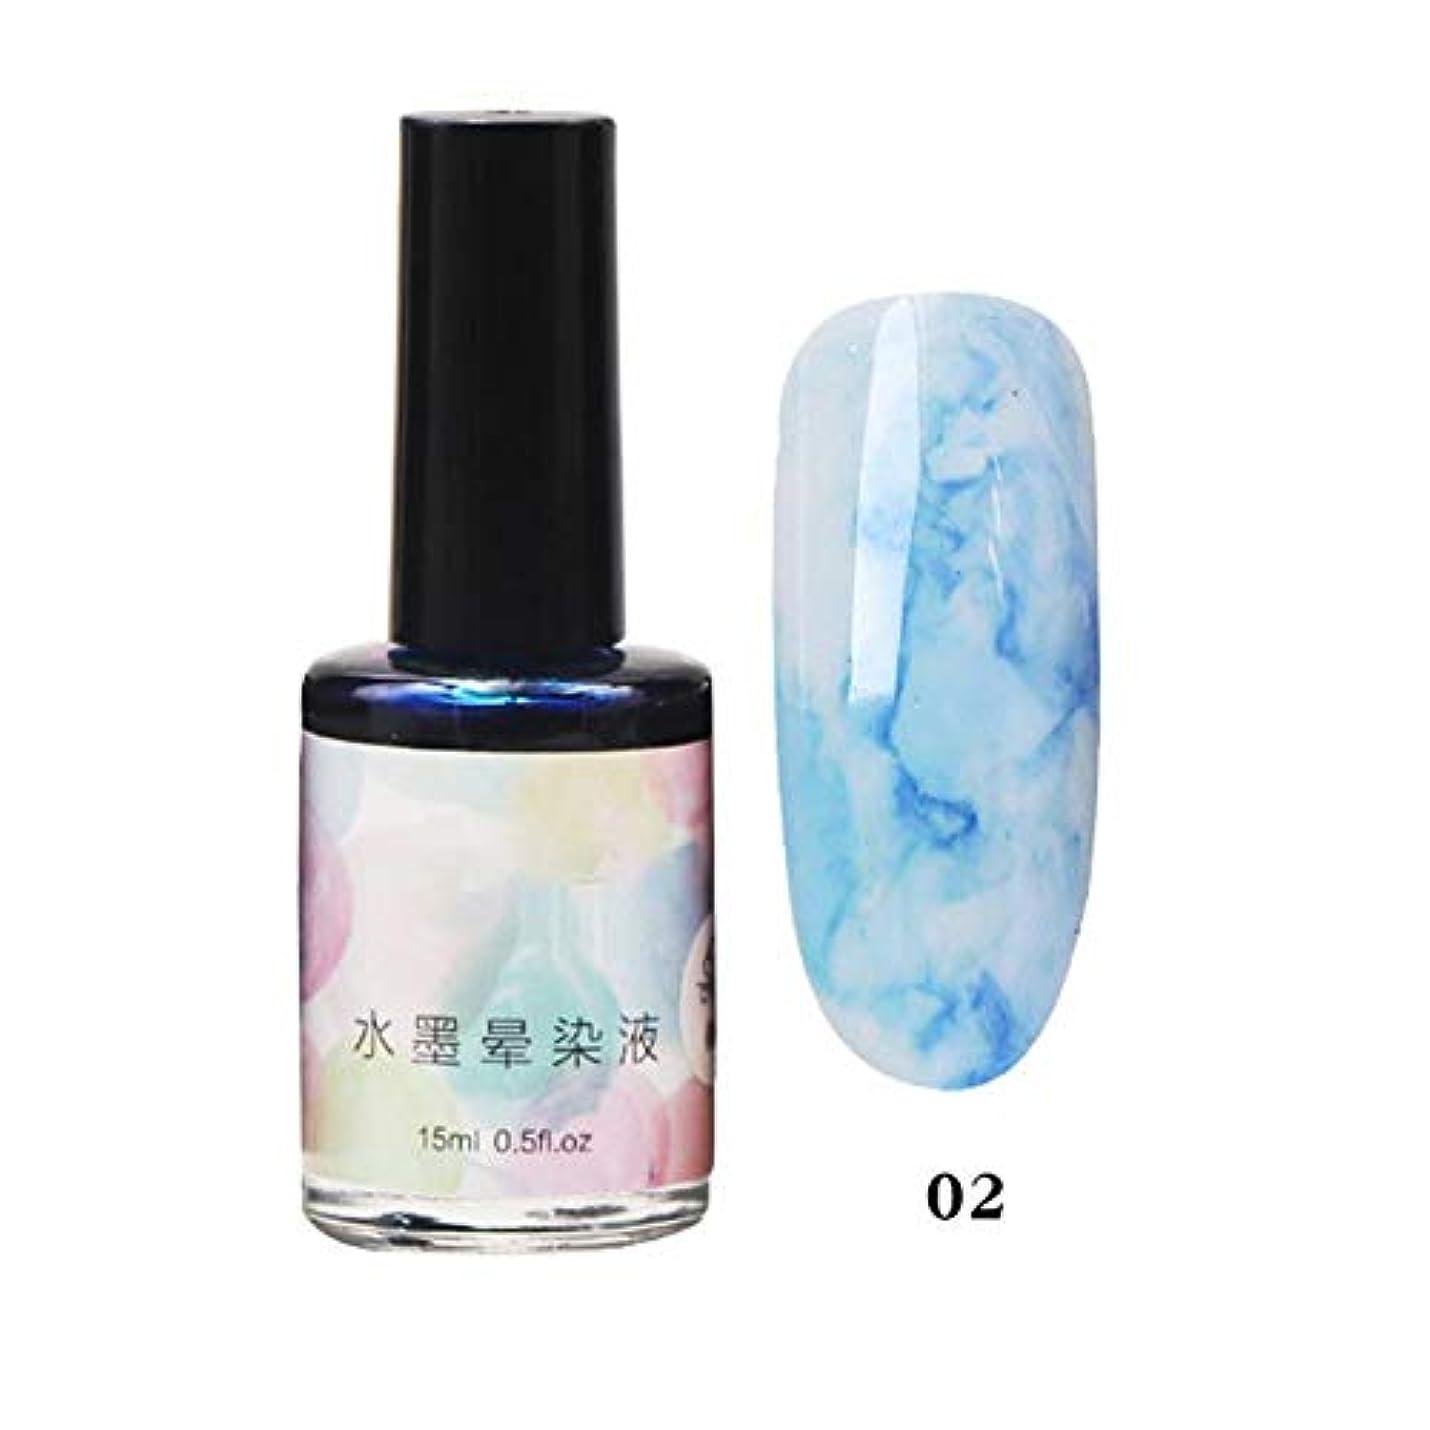 ジレンマ飛行場サーキットに行く11色選べる ネイルポリッシュ マニキュア ネイルアート 美しい 水墨柄 ネイルカラー 液体 爪に塗って乾かす 初心者でも簡単に使用できる junexi